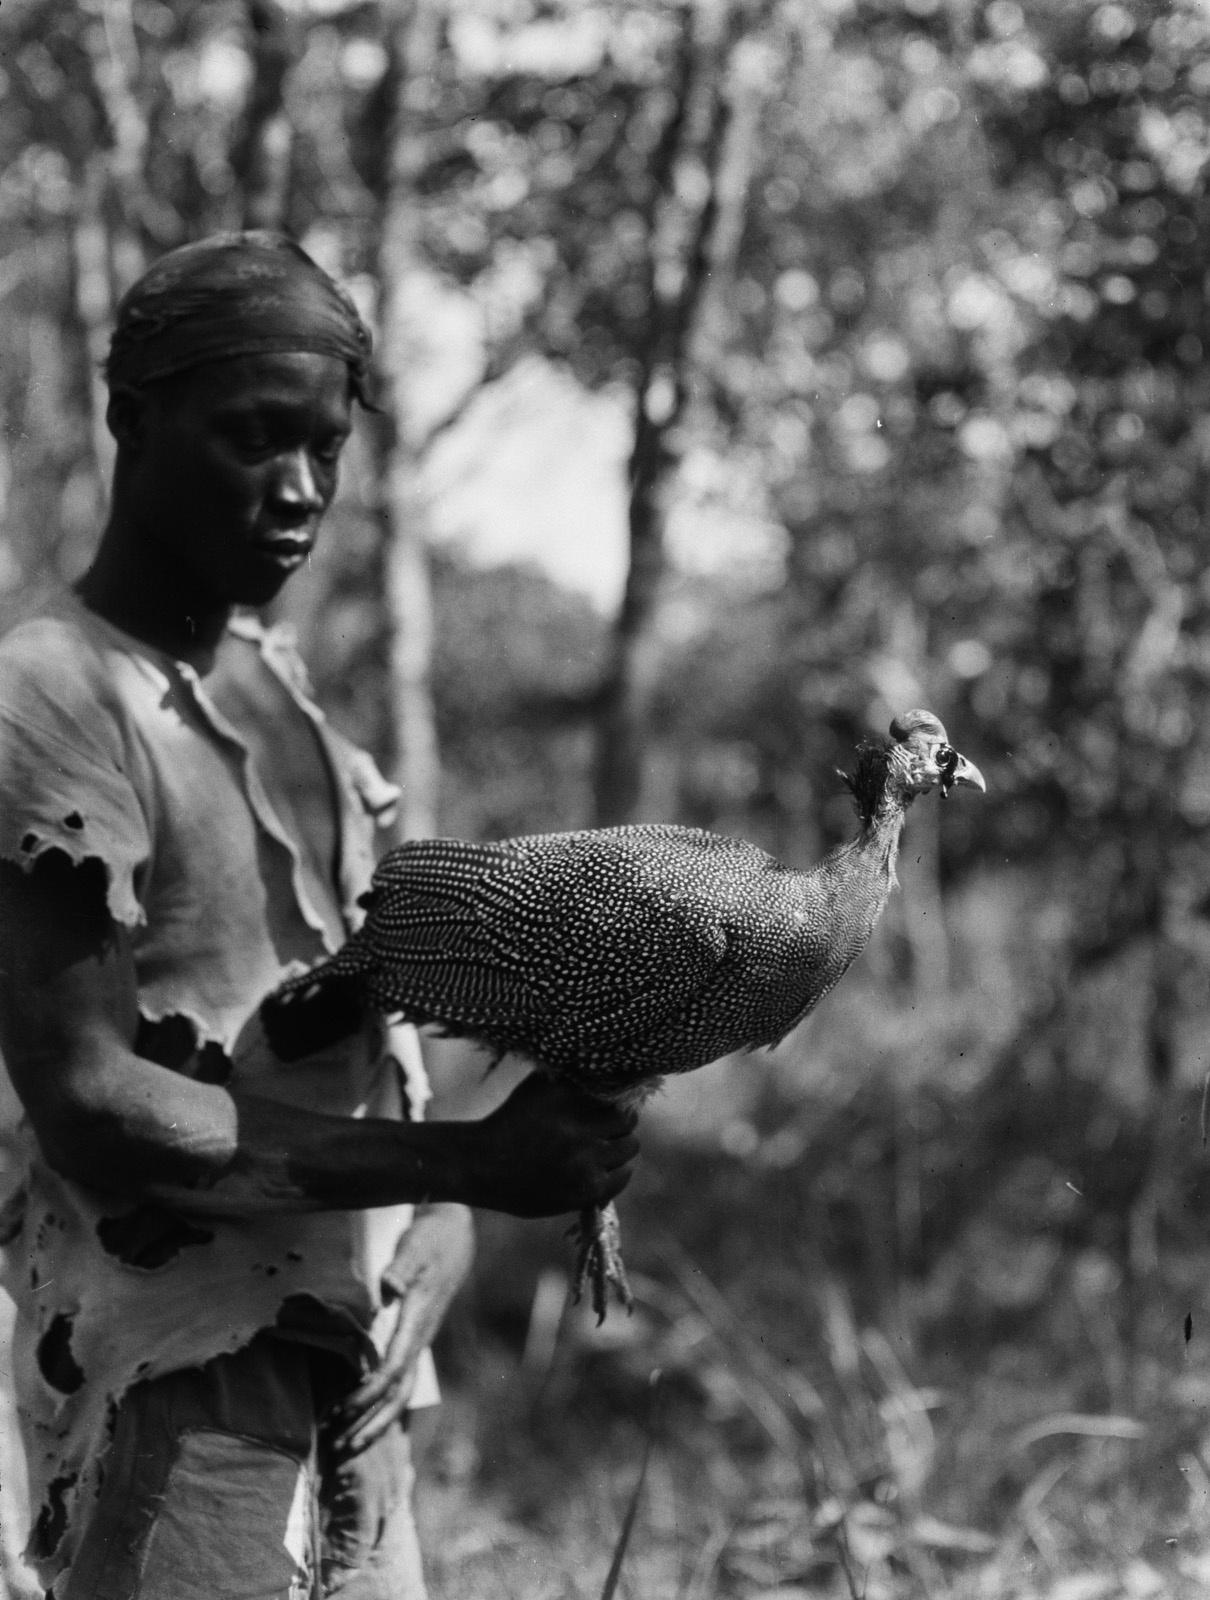 Касемпа. Анголец держит цесарку